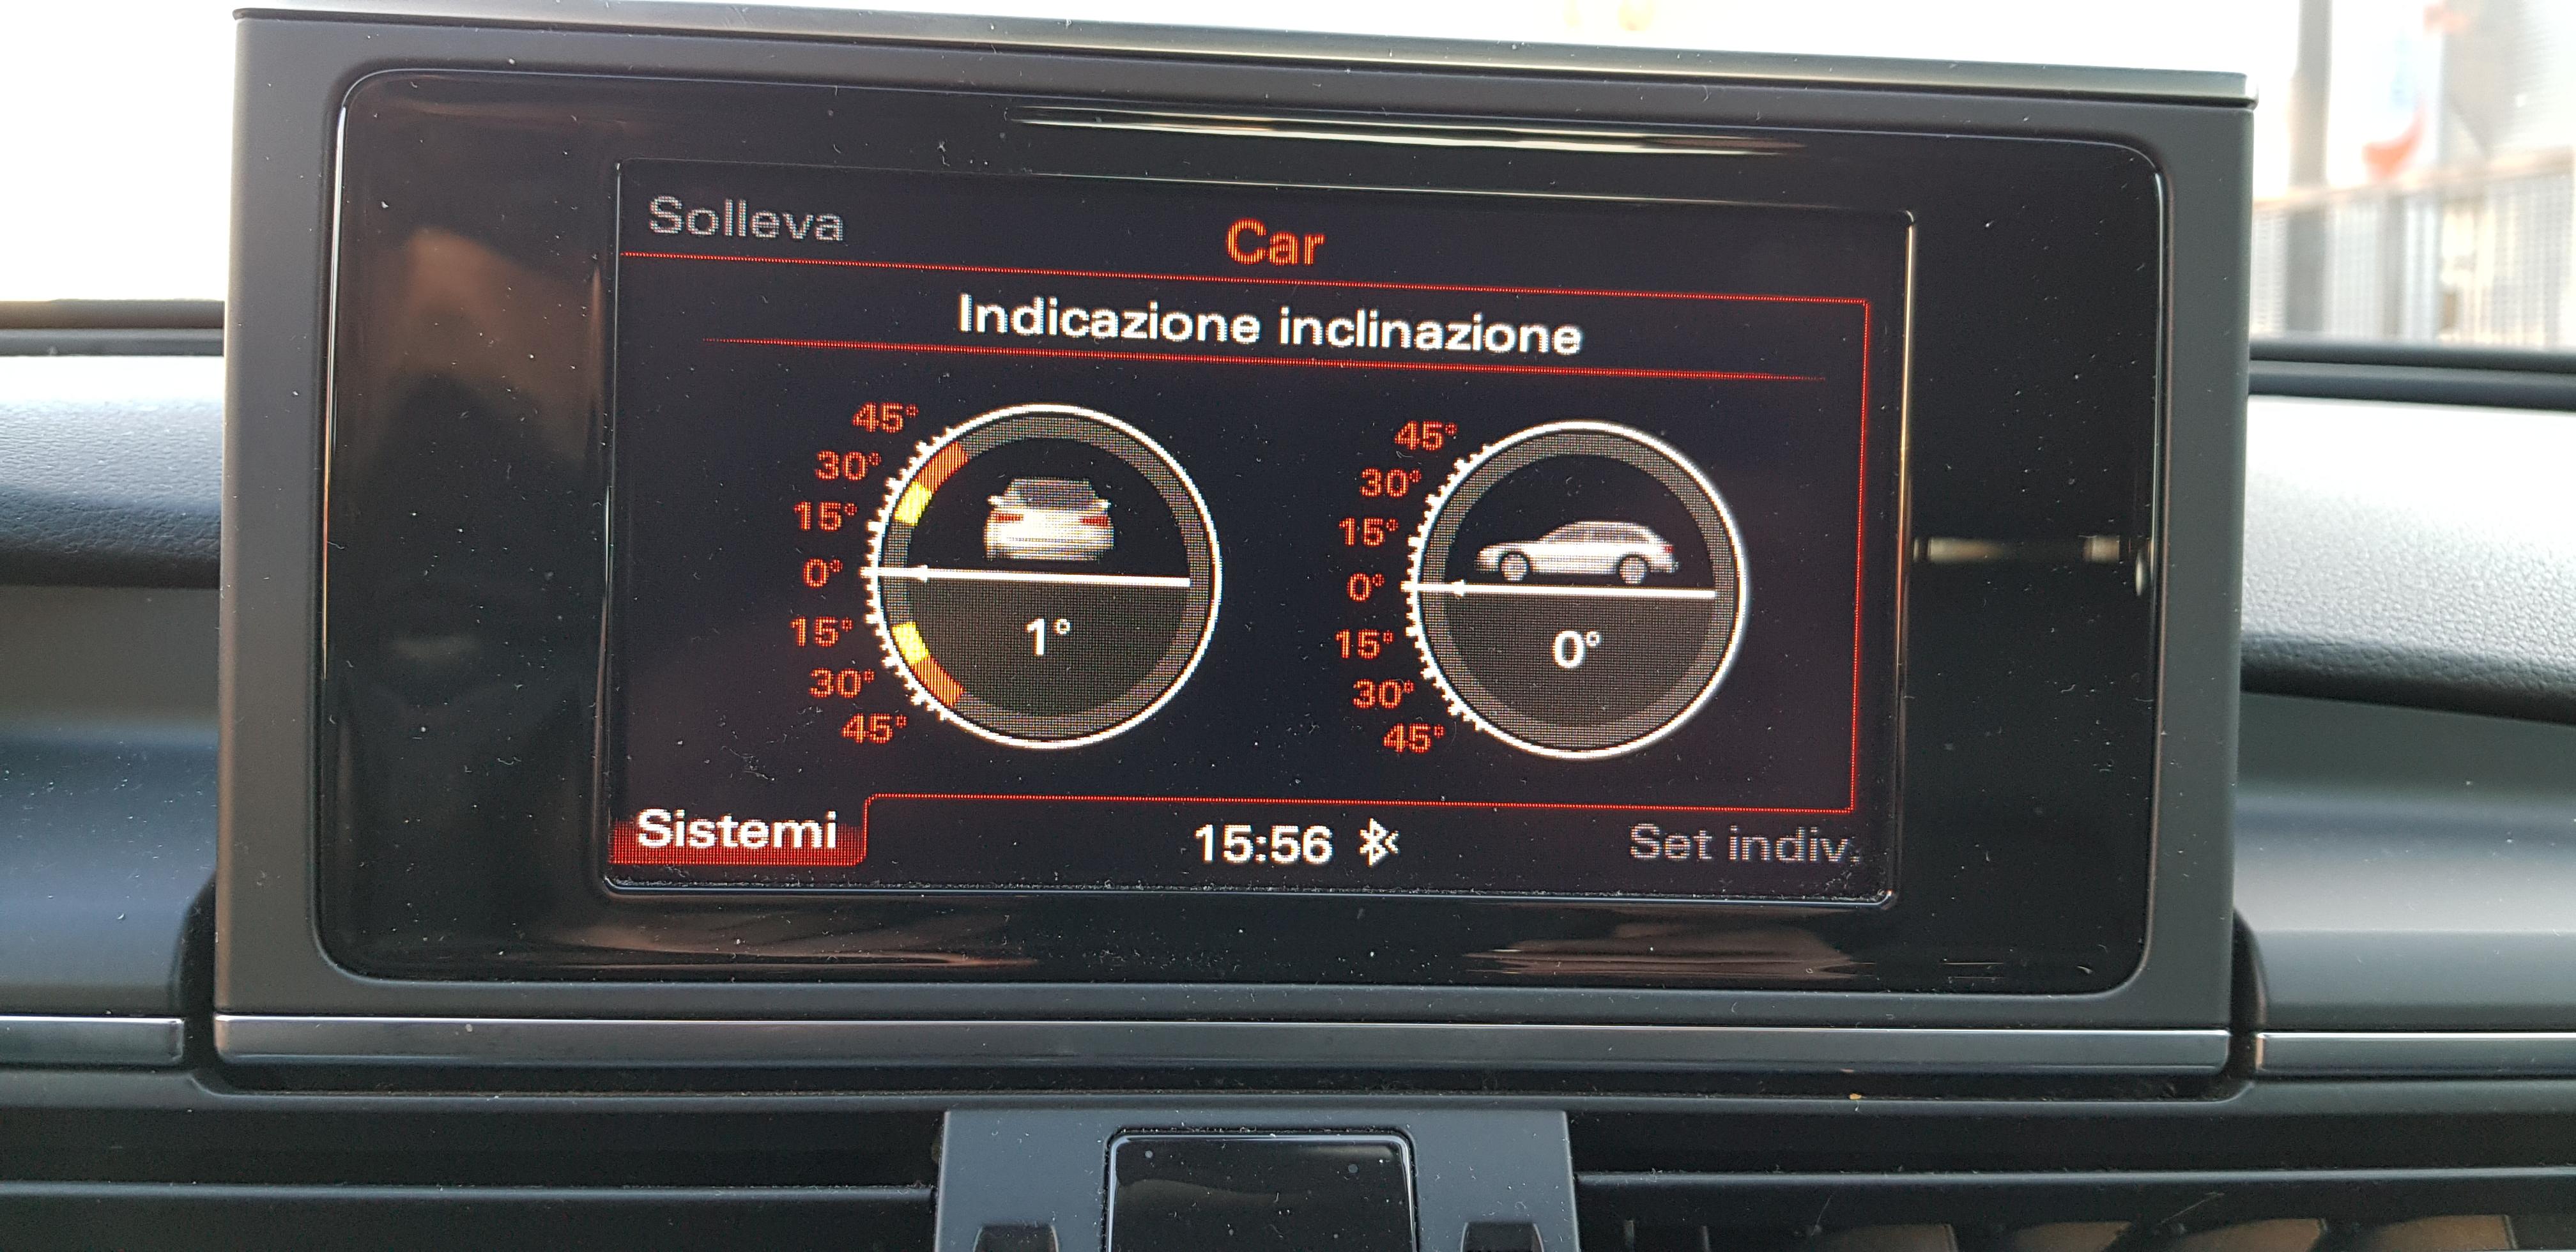 Audi A6 Allroad Quattro Avant 3.0 TDI V6, con regolazione elettronica delle sospensioni e tecnologia adattiva: un sistema che gestisce la distribuzione della trazione integrale per garantire il massimo delle performance, del comfort e della sicurezza.